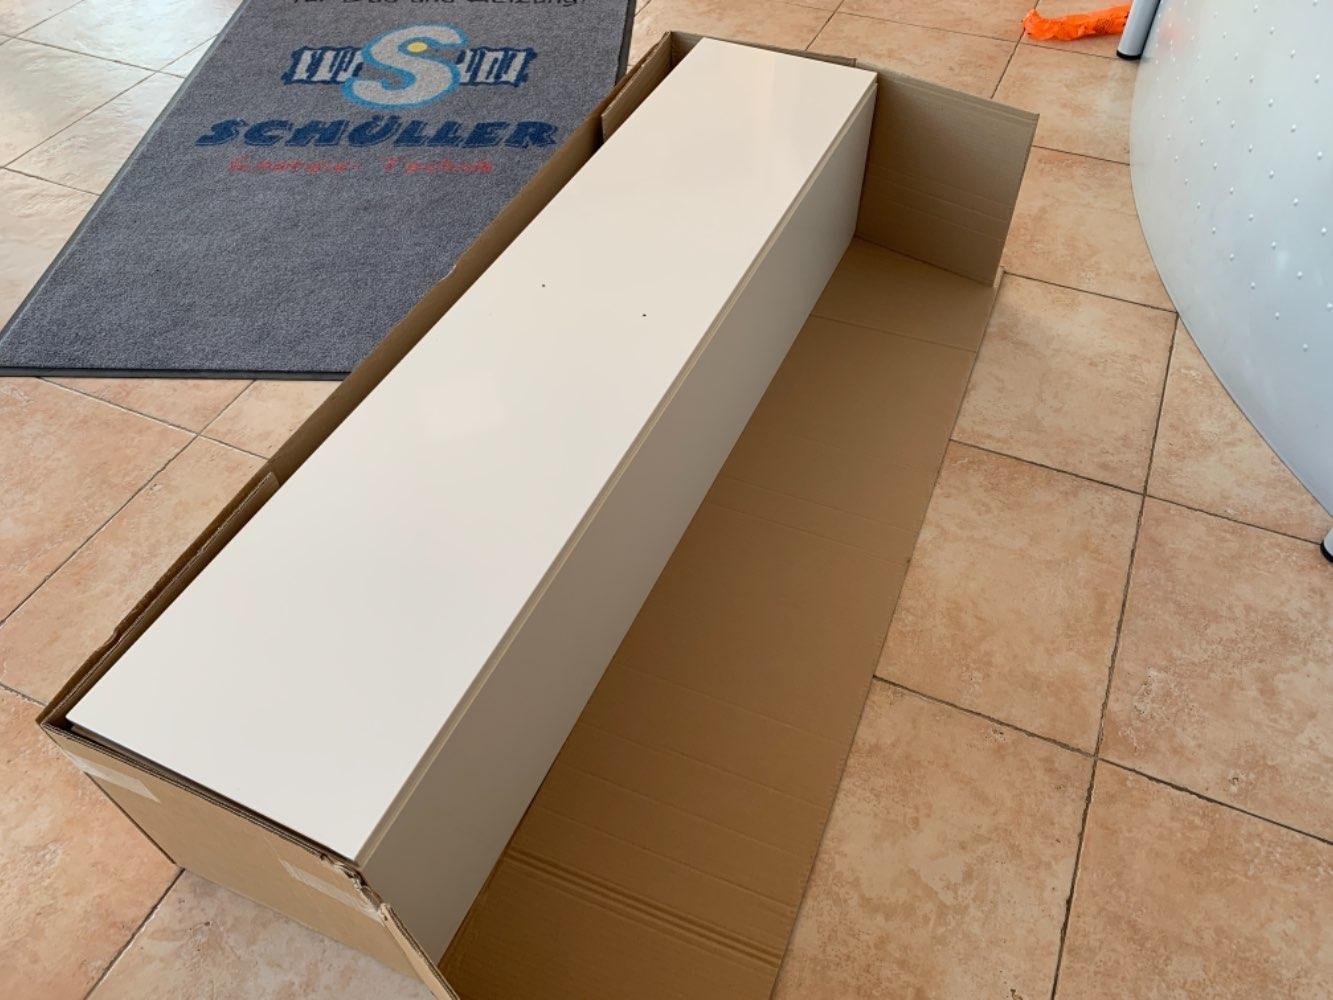 Sanibel Hochschrank A14, drehbar 350/1600/350mm (B/H/T), weiss glänzend Nr.8216855